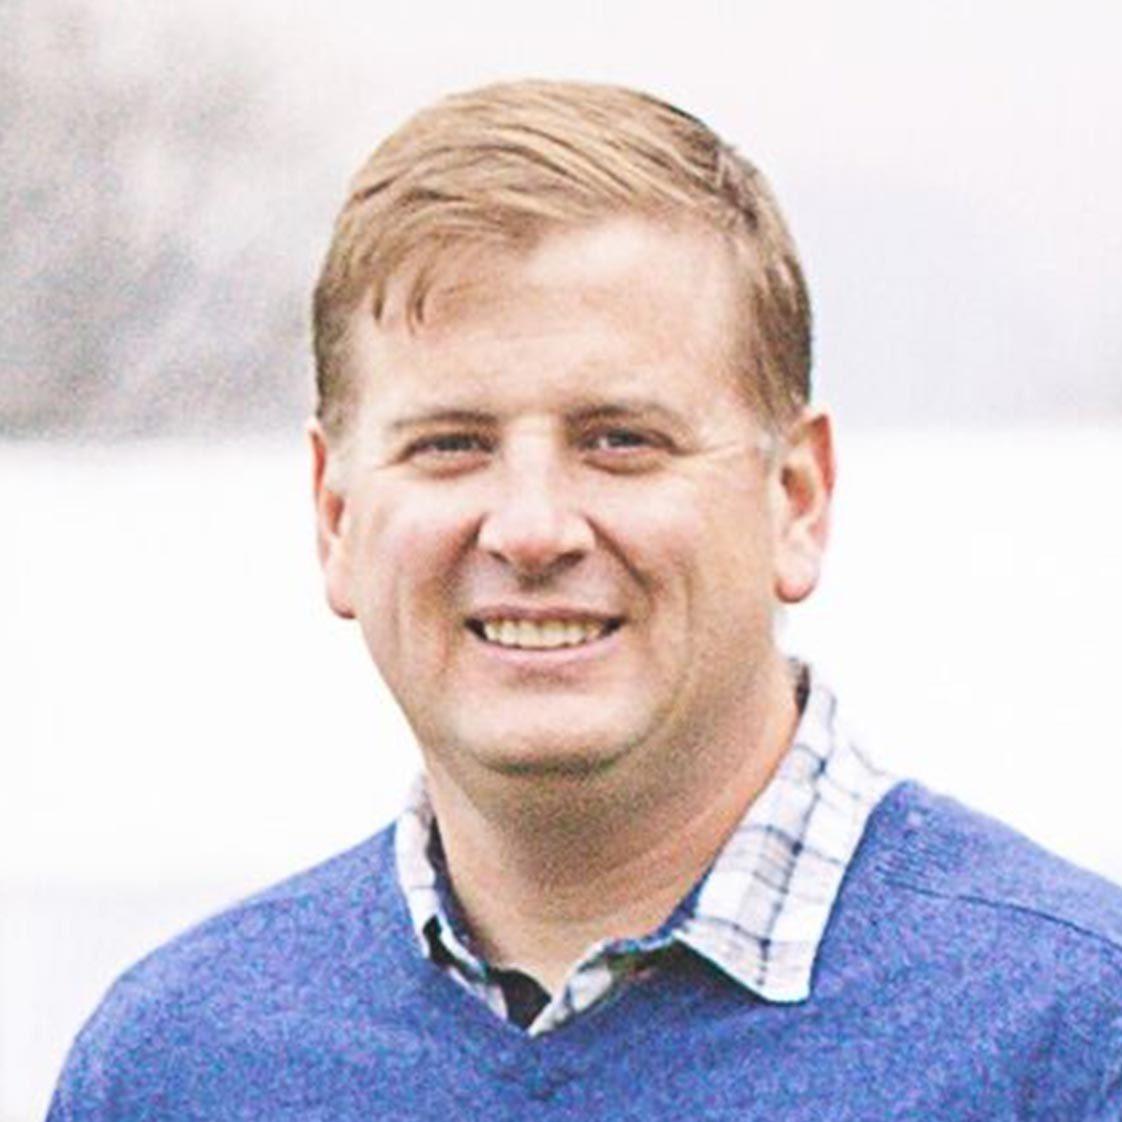 Cory Van Groningen